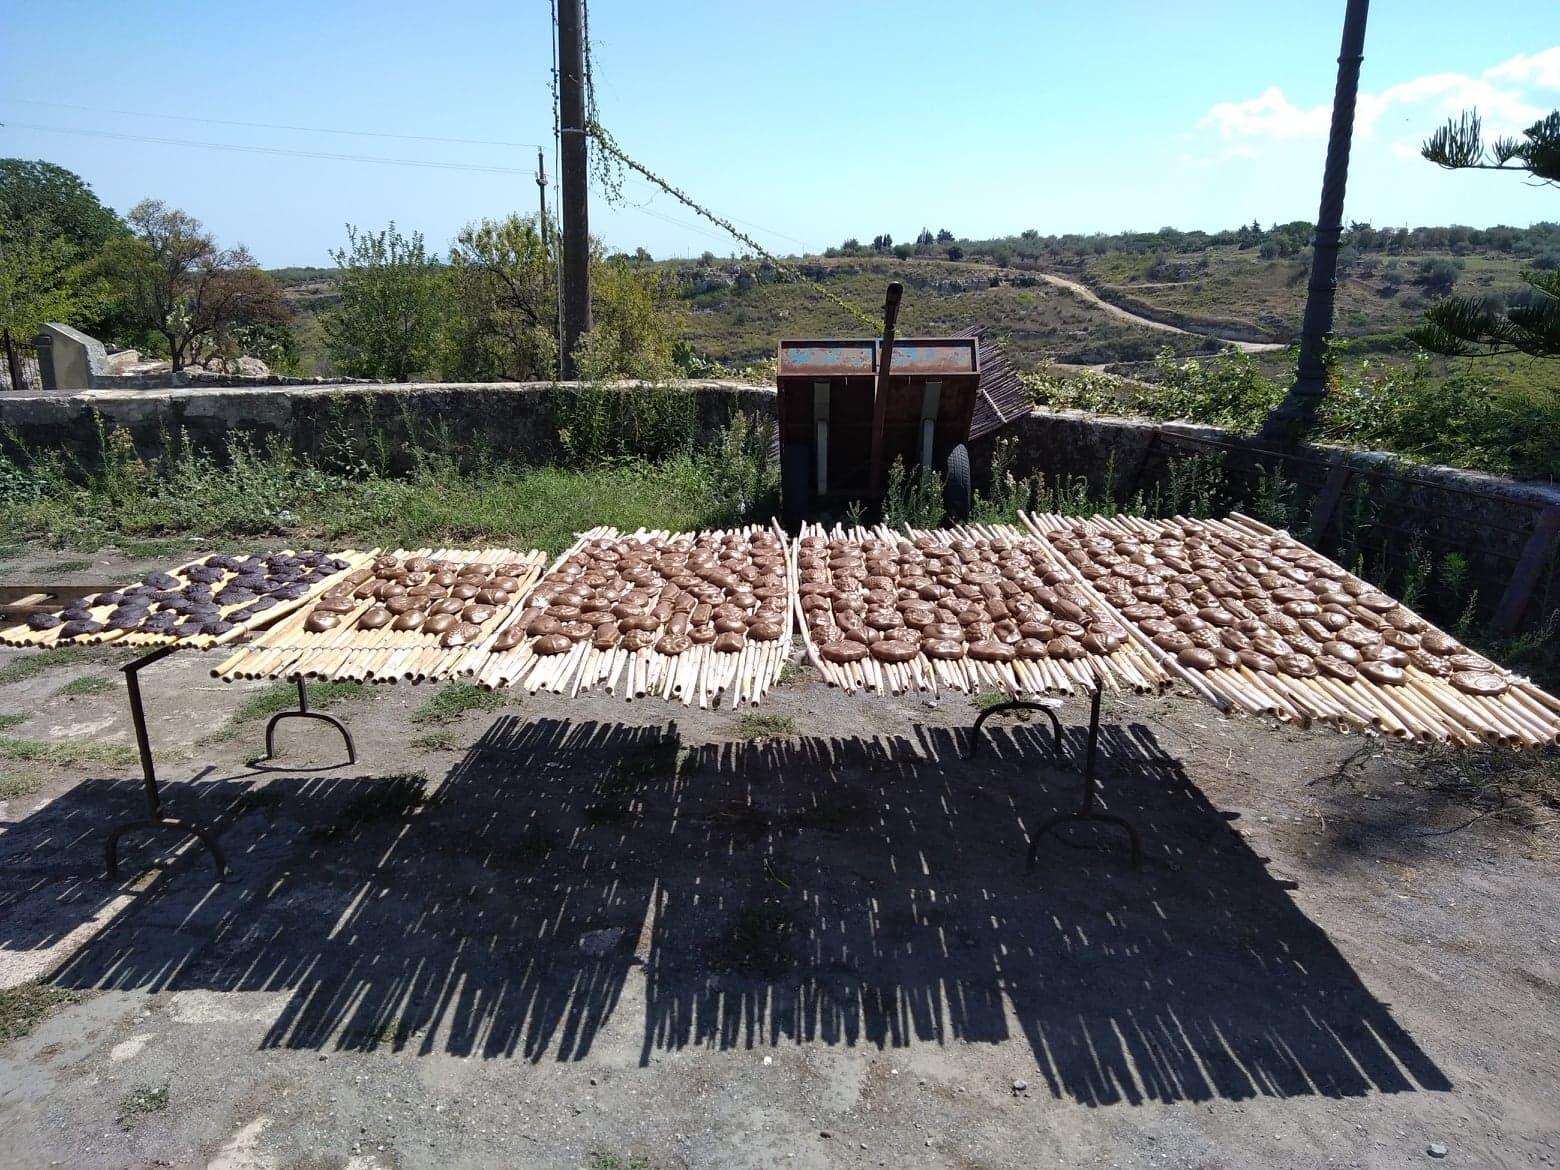 Militello e la mostarda, una preparazione tipica del paese